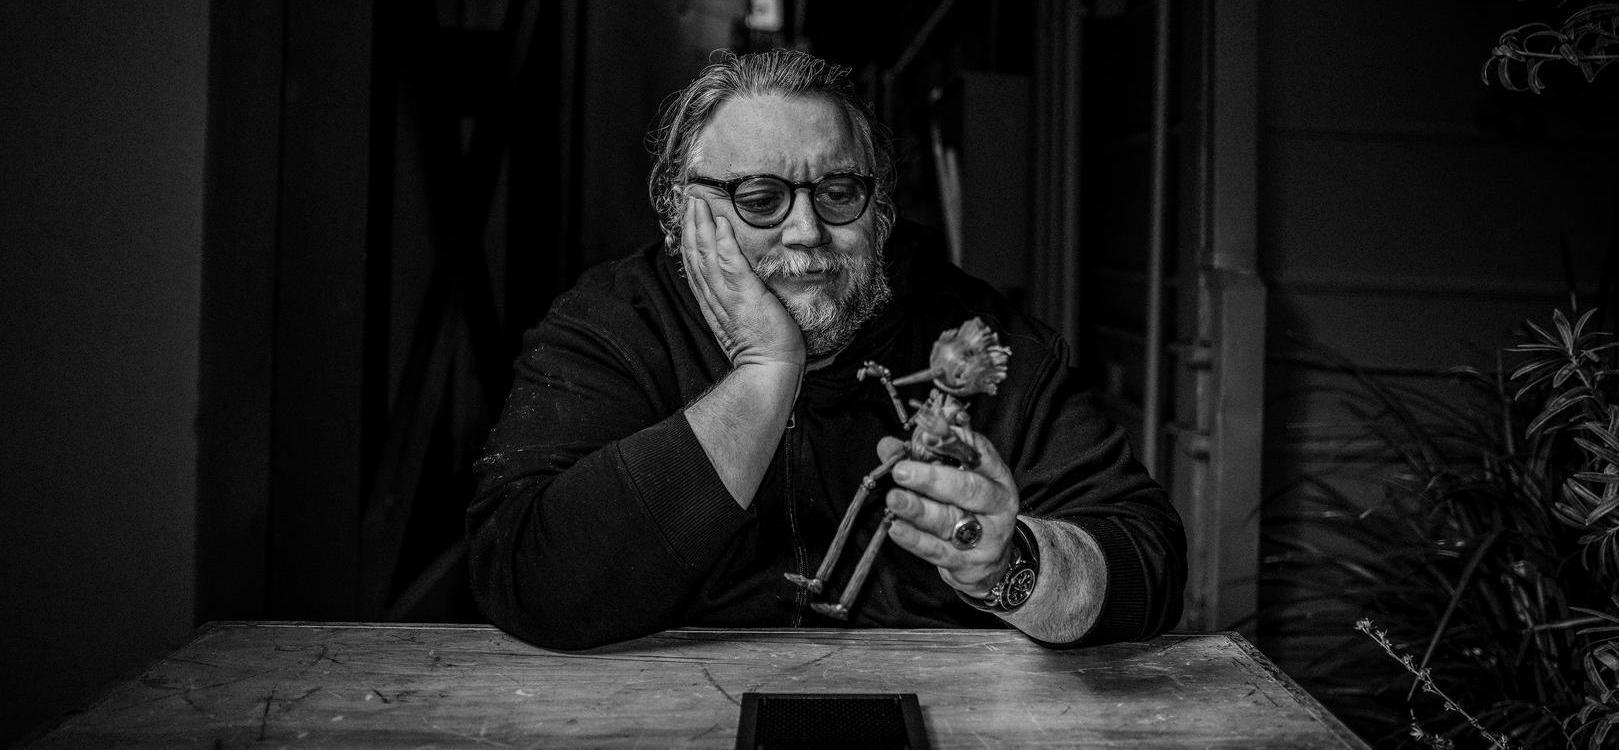 Guillermo del Toro e Pinocchio